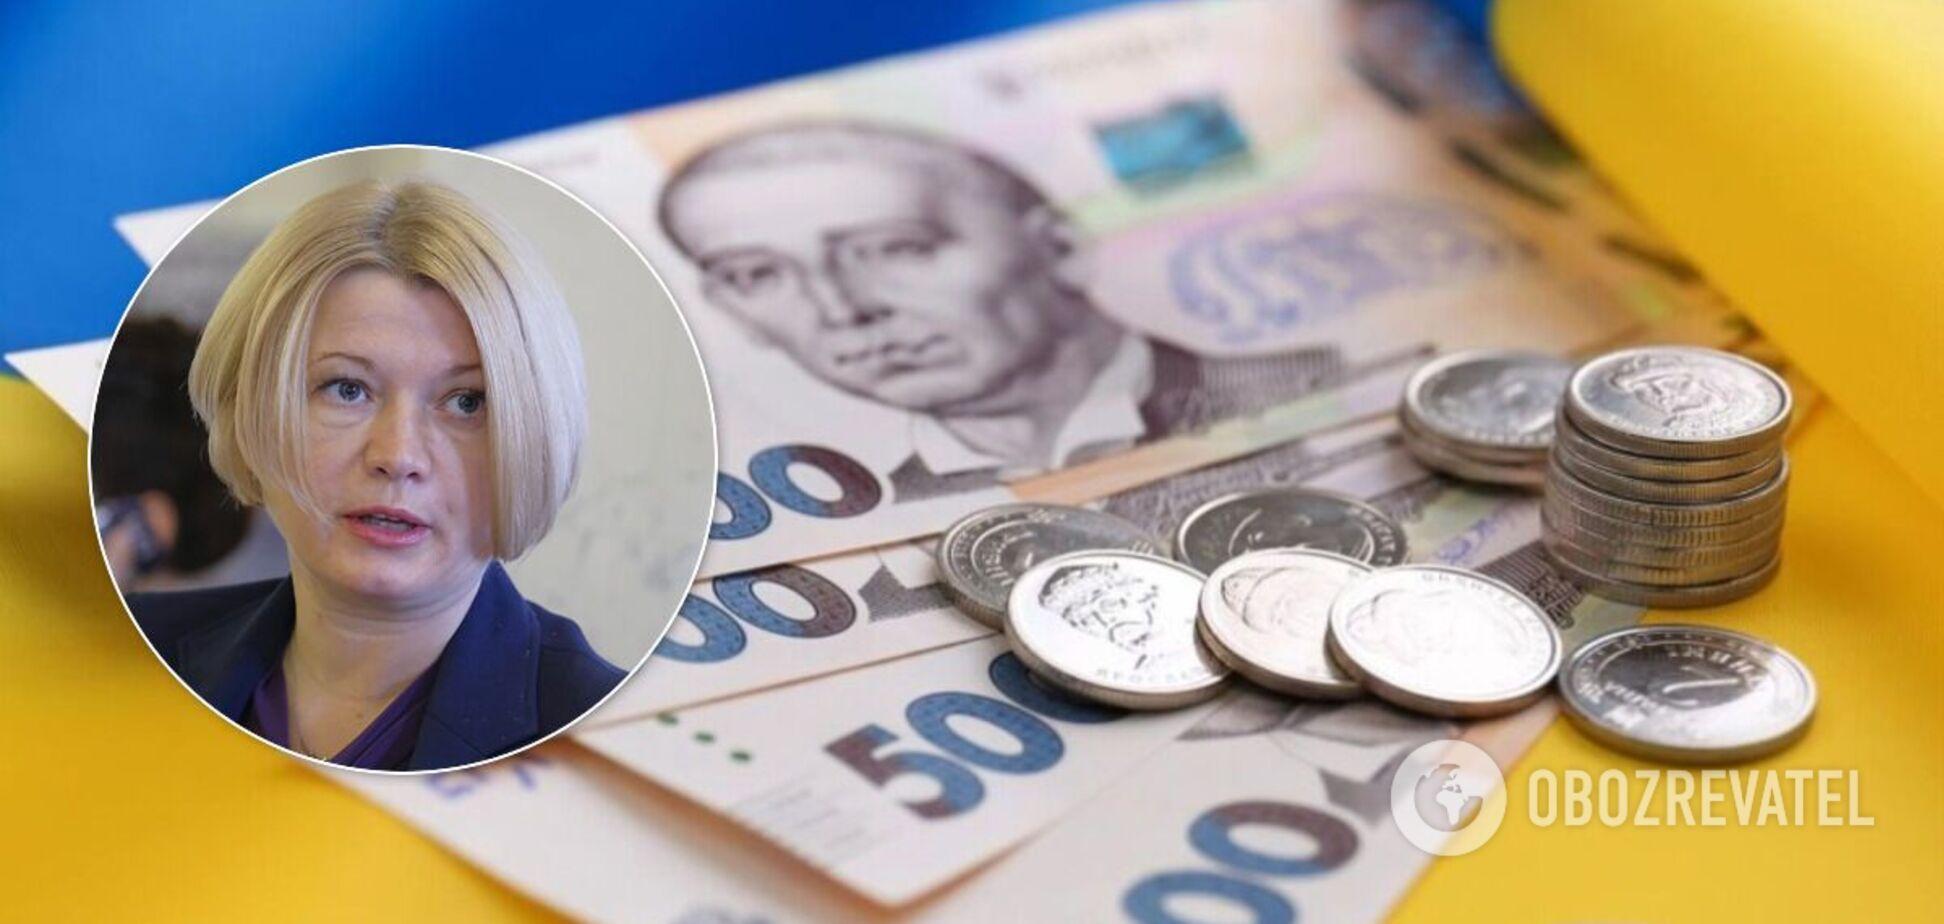 Геращенко про бюджет-2021: забирають у медиків та освітян, а додають ДБР та ОП